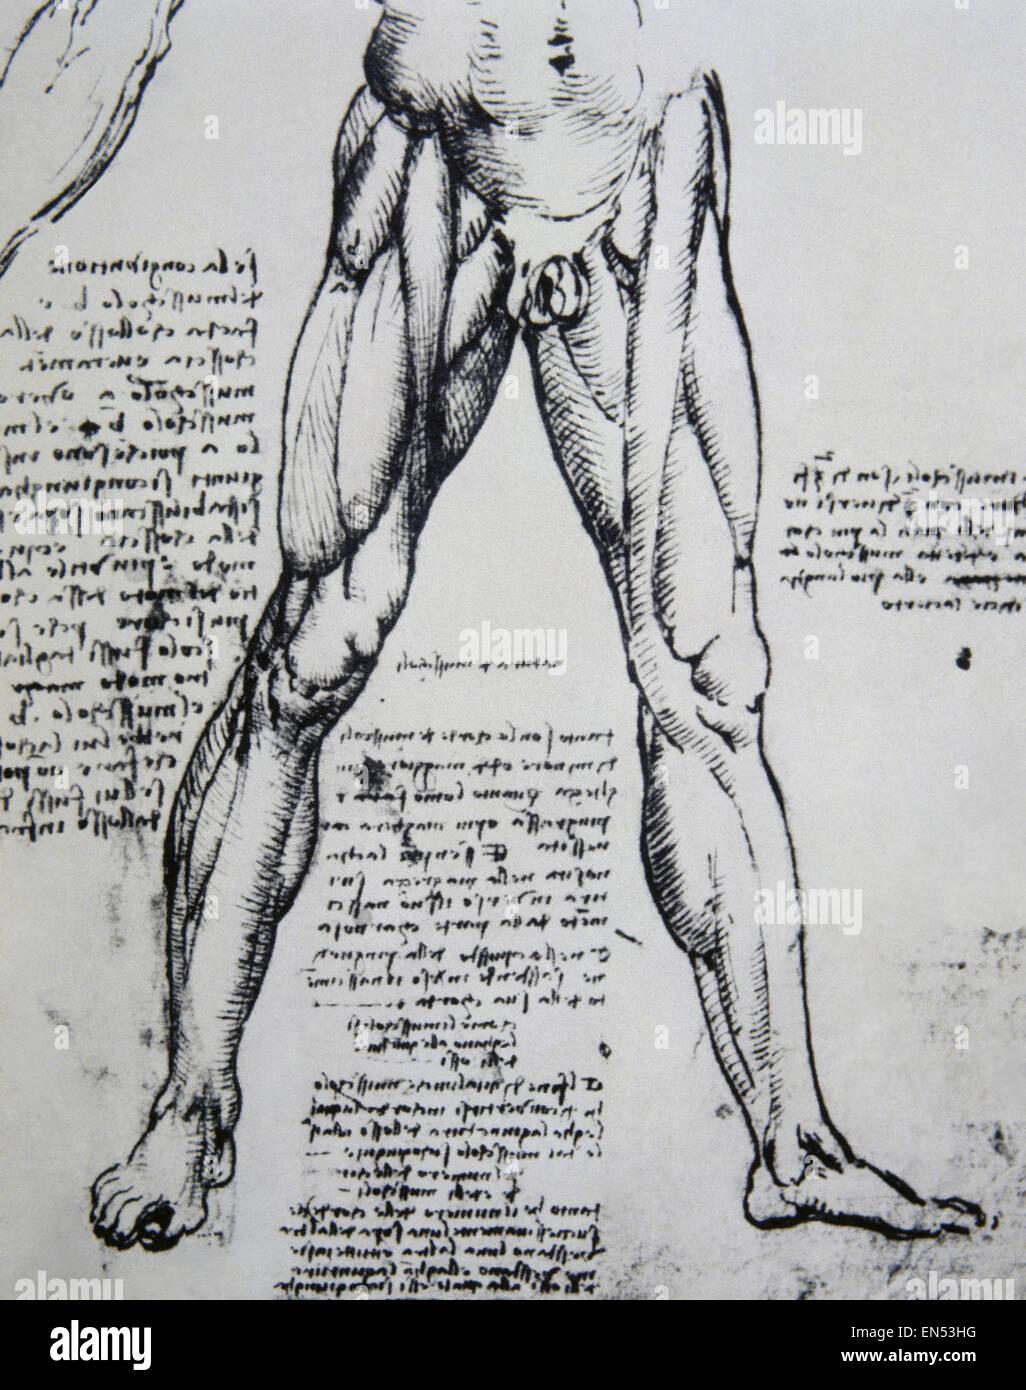 Vinci Anatomy Imágenes De Stock & Vinci Anatomy Fotos De Stock - Alamy